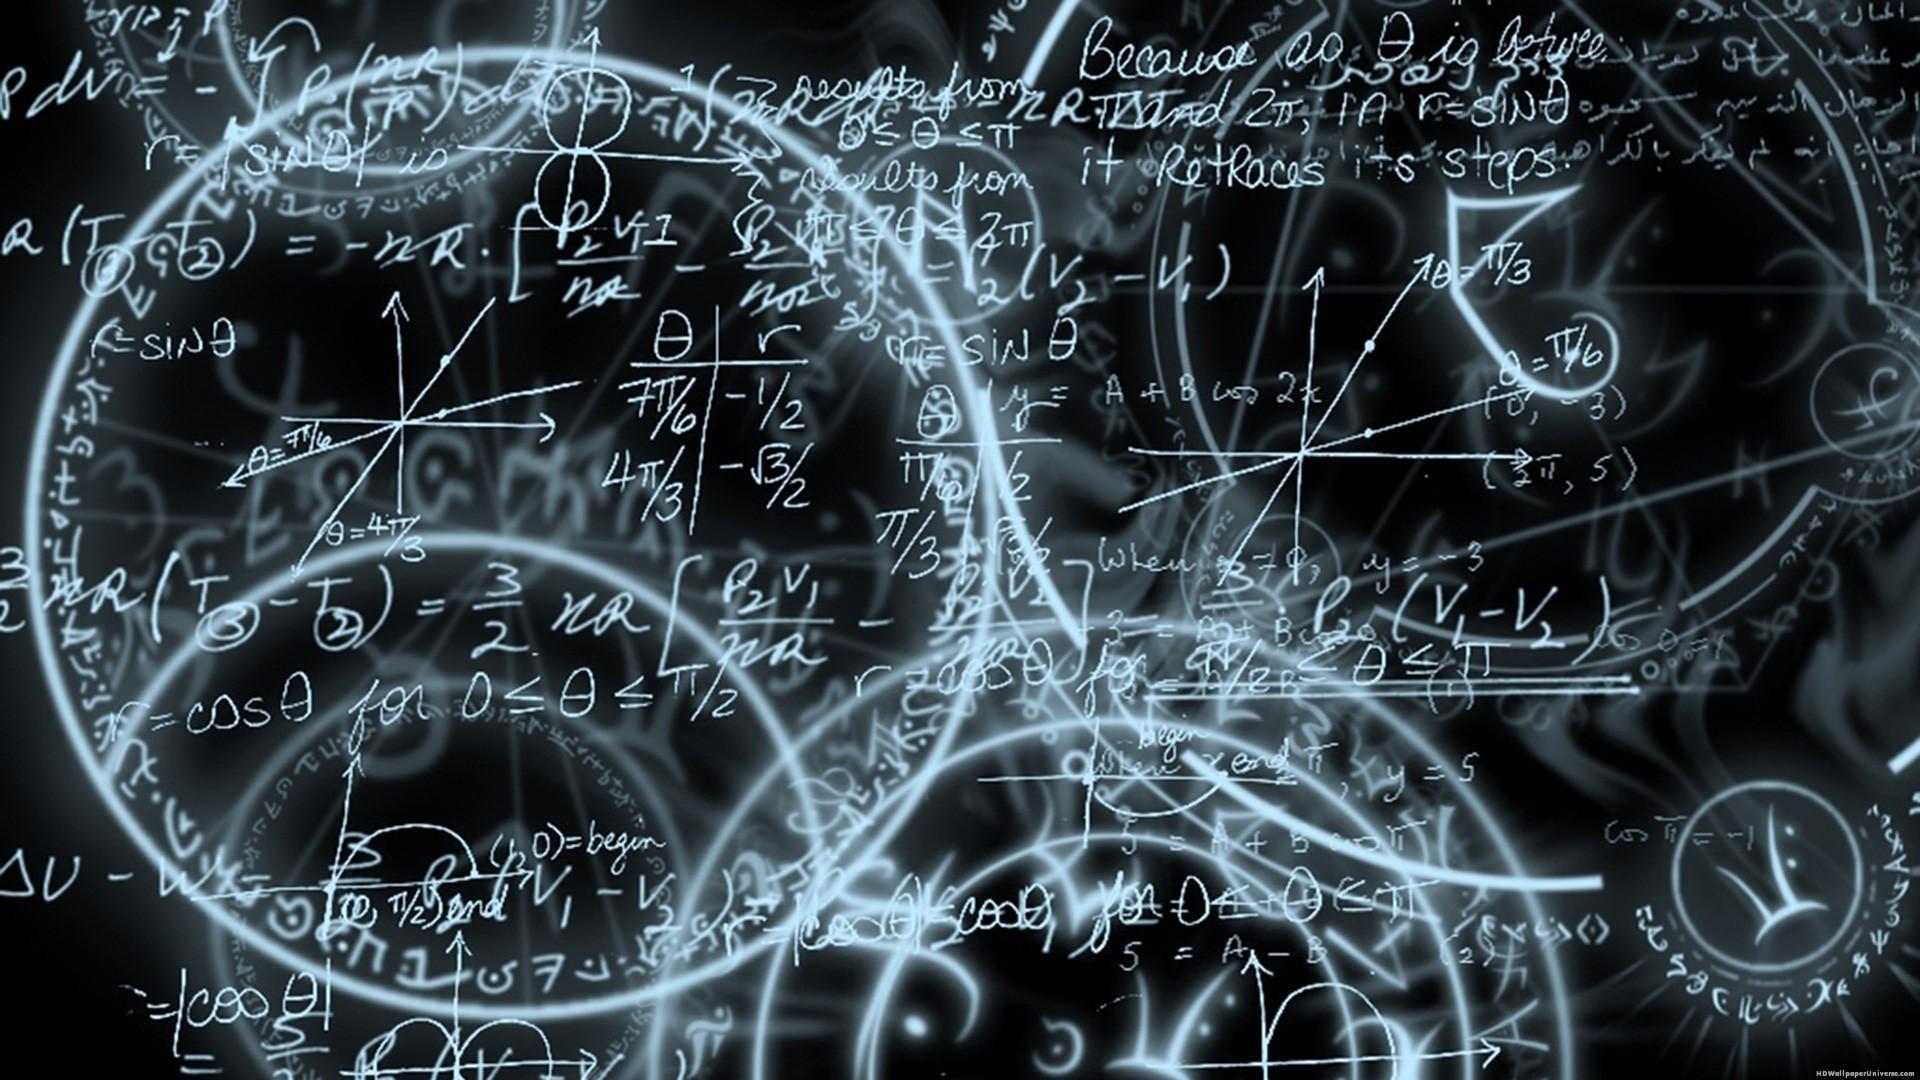 17 Science Desktop Wallpapers | WPPSource